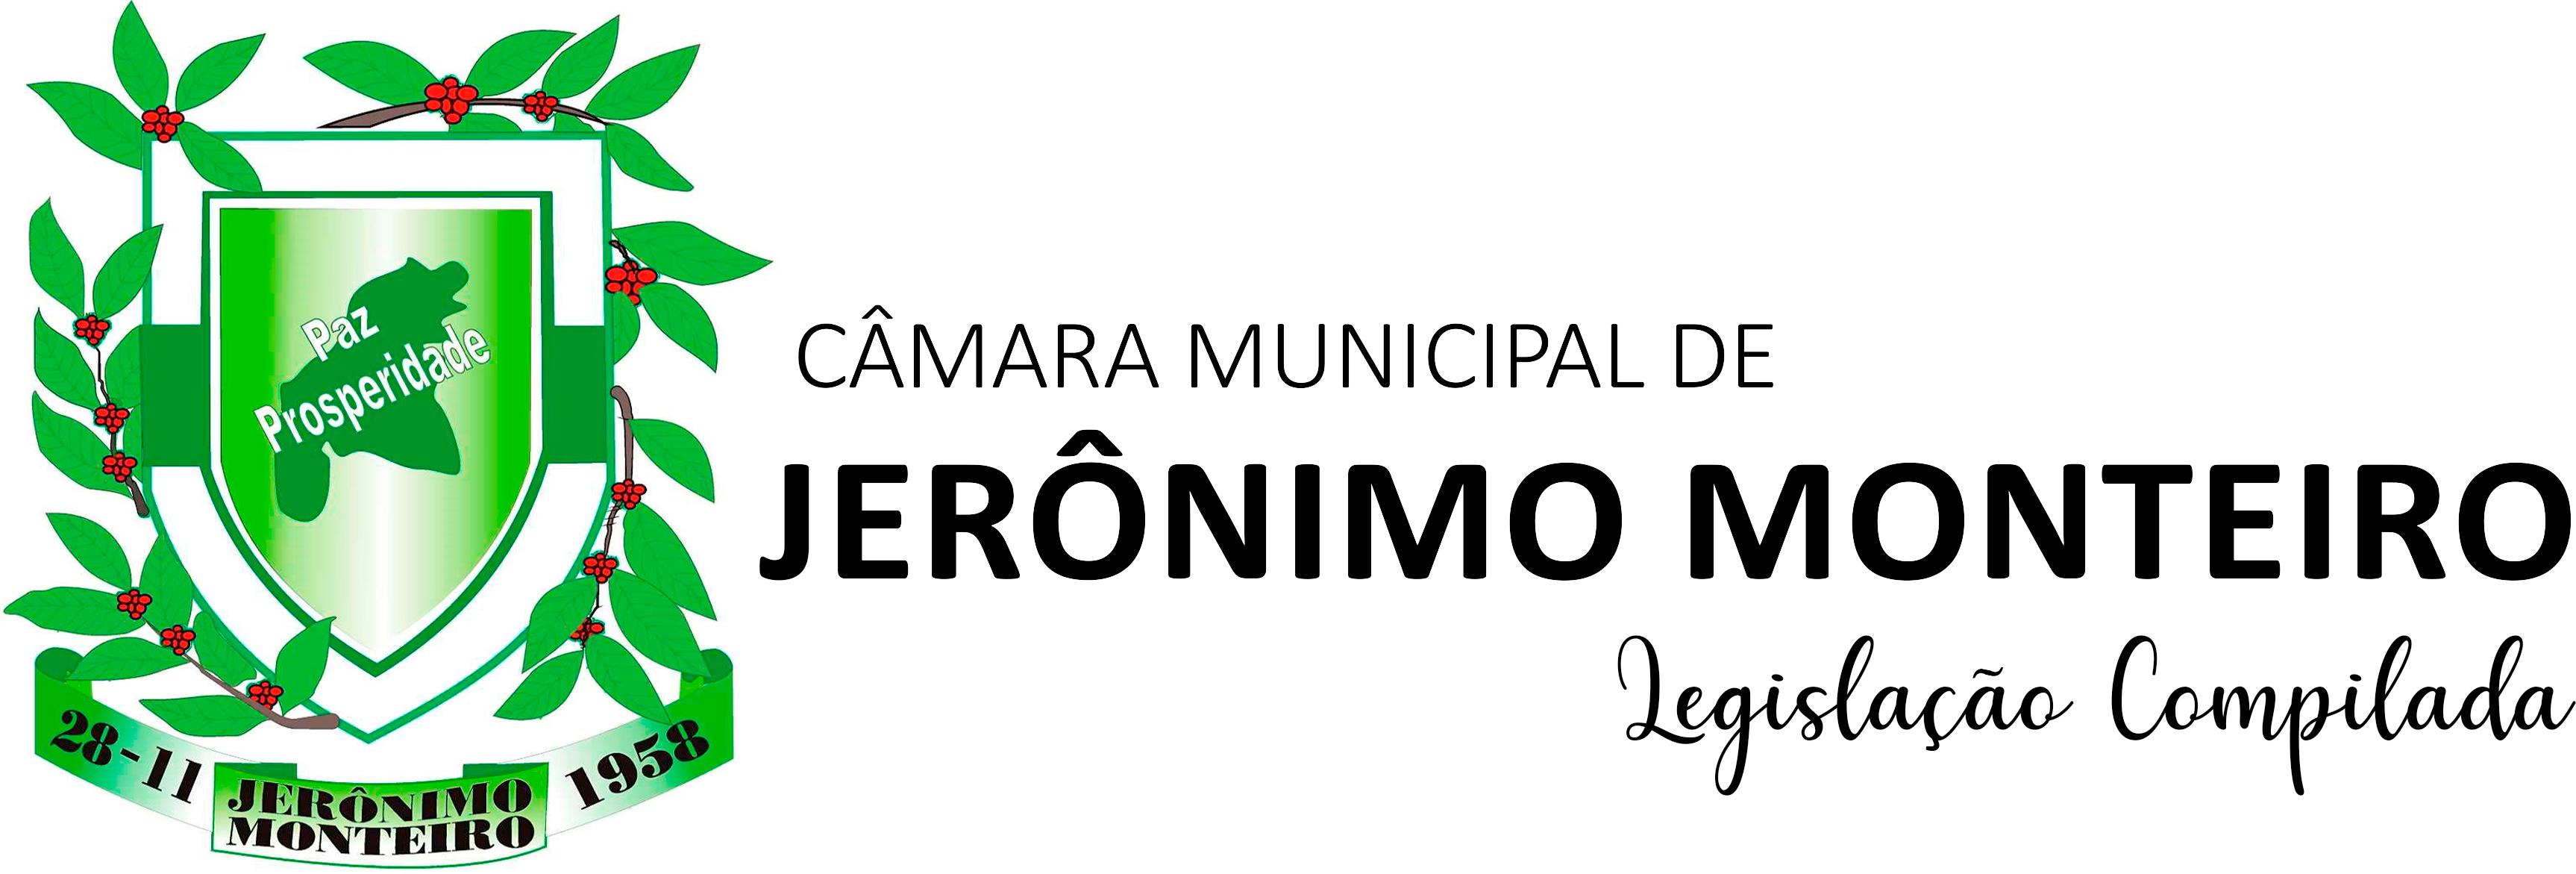 Brasão Câmara Municipal de Jerônimo Monteiro